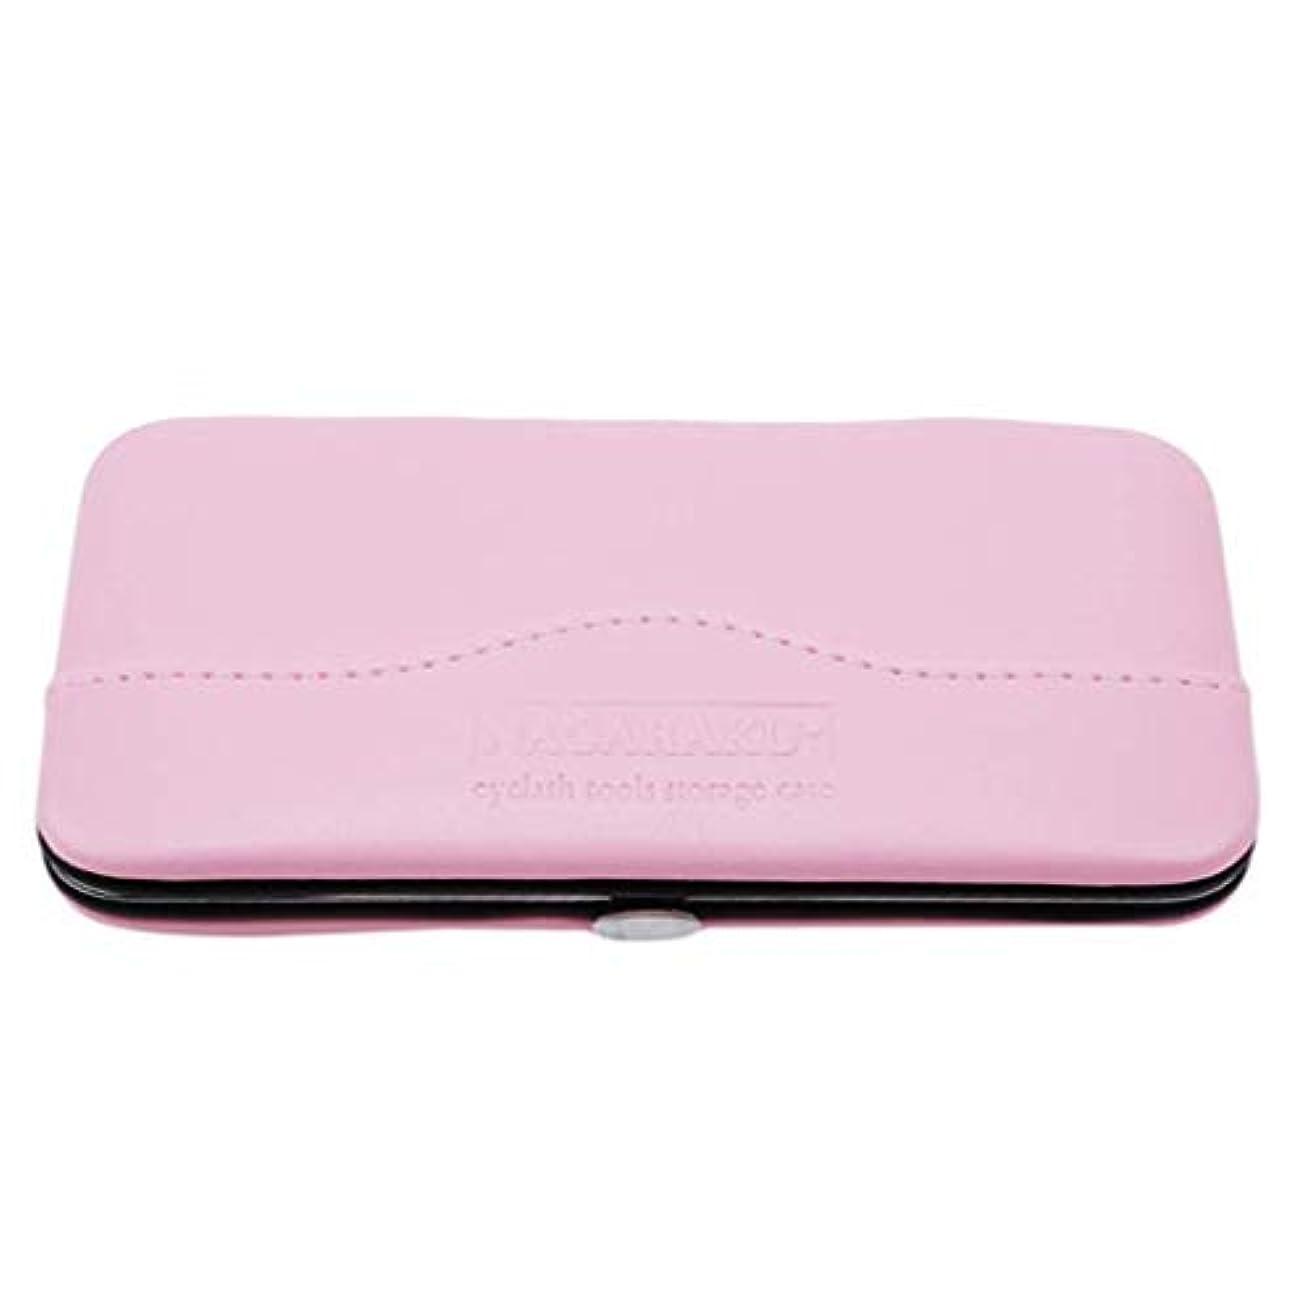 ペチコートフリース囲む1st market プレミアム品質1ピース化粧道具バッグ用まつげエクステンションピンセット収納ボックスケース